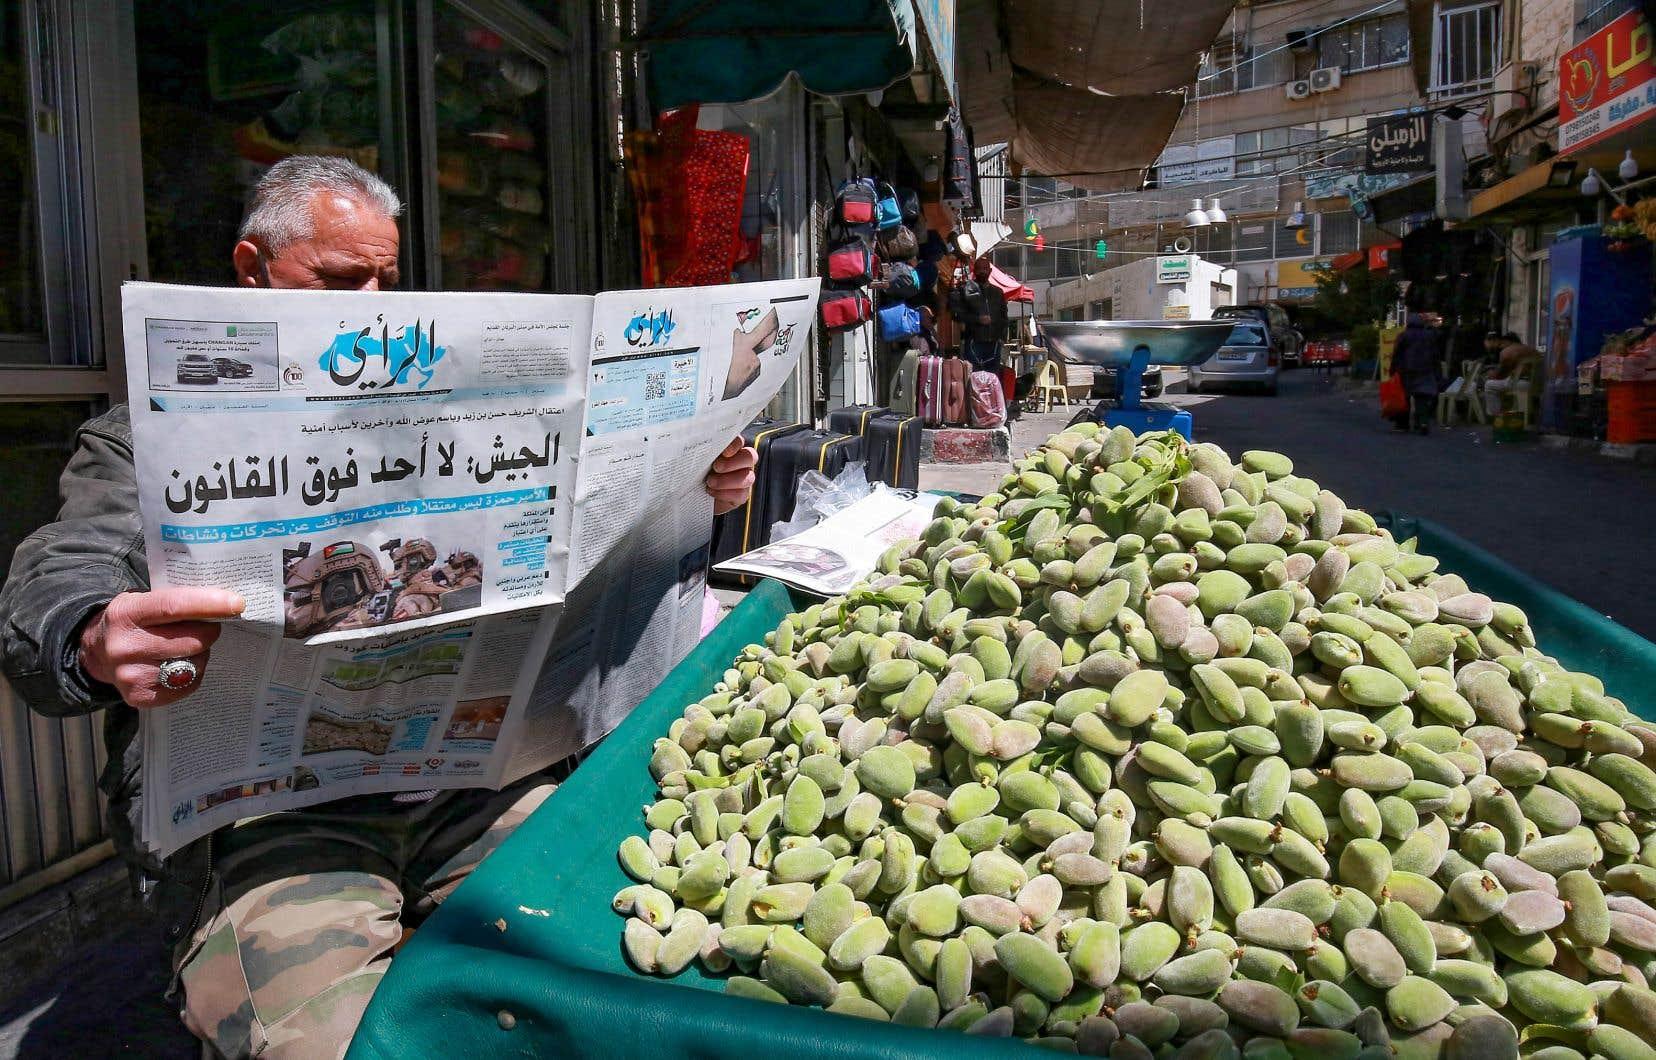 Défrayant la chronique en Jordanie, le complot a éclaté au grand jour samedi avec la mise en cause d'Hamza dans des «activités» pouvant nuire au royaume, puis l'annonce de l'arrestation pour «raisons de sécurité» d'une quinzaine de personnes dont un ex-conseiller du roi.